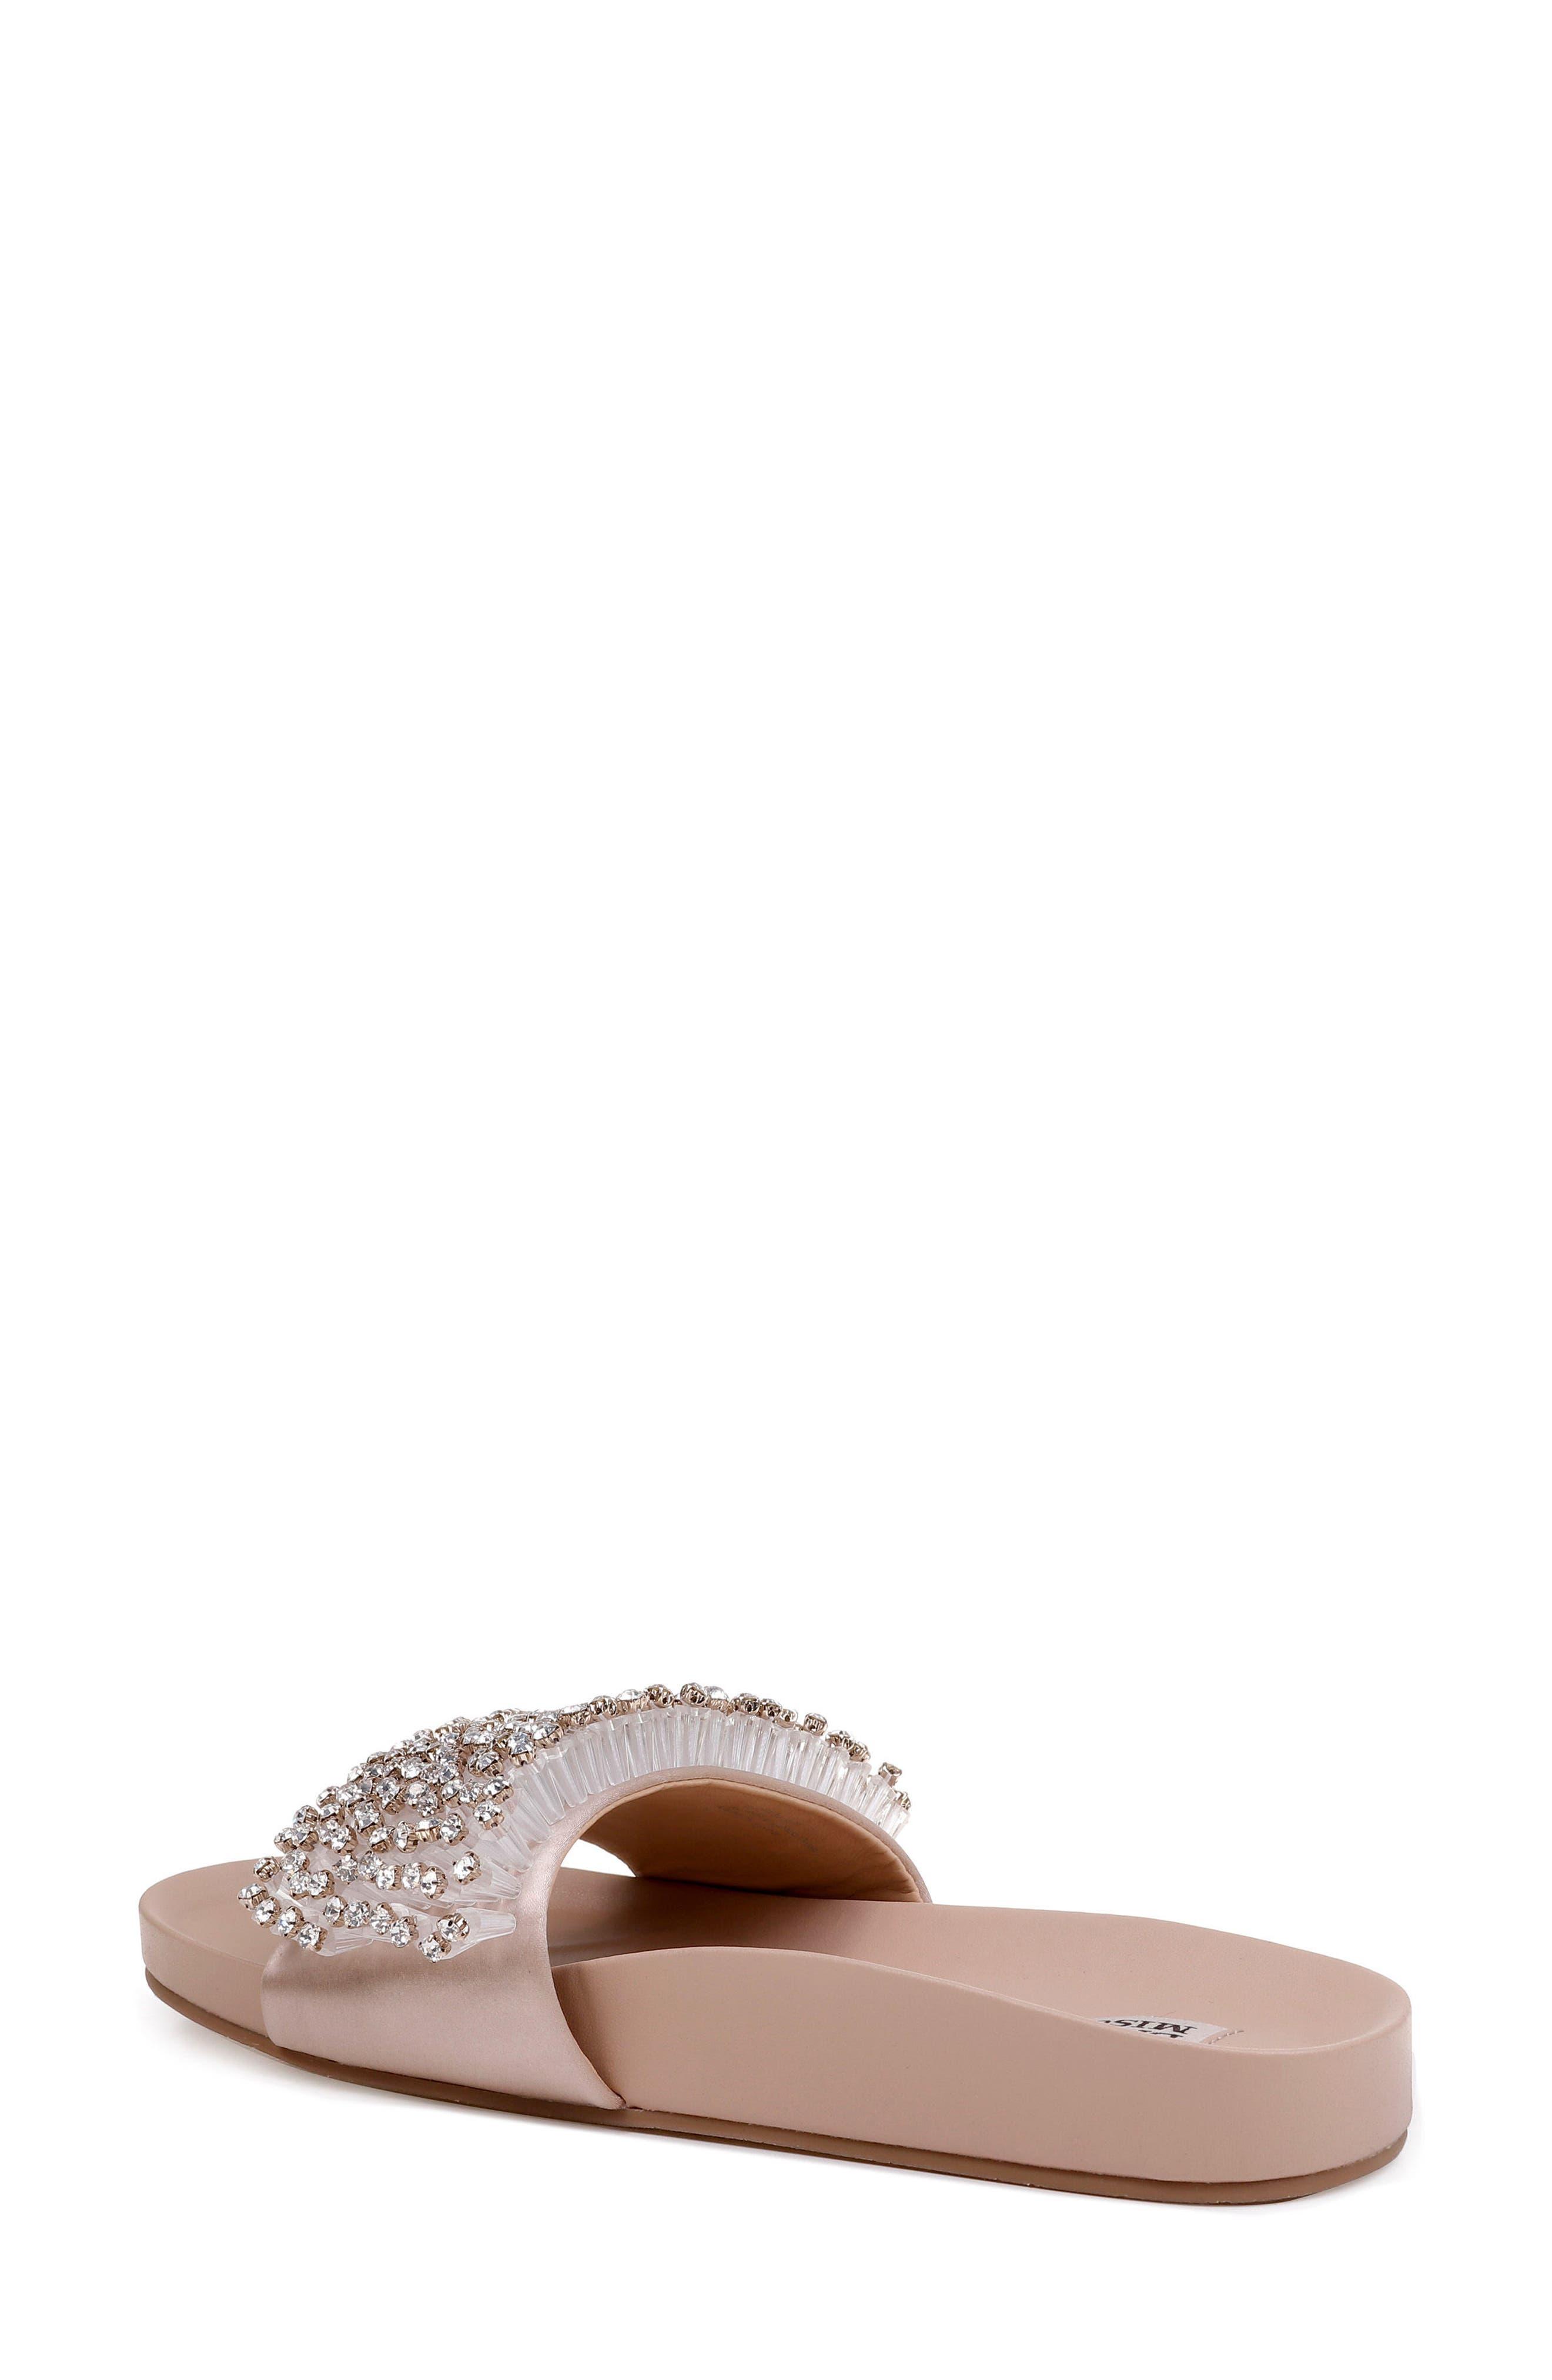 Horton Crystal Embellished Sandal,                             Alternate thumbnail 6, color,